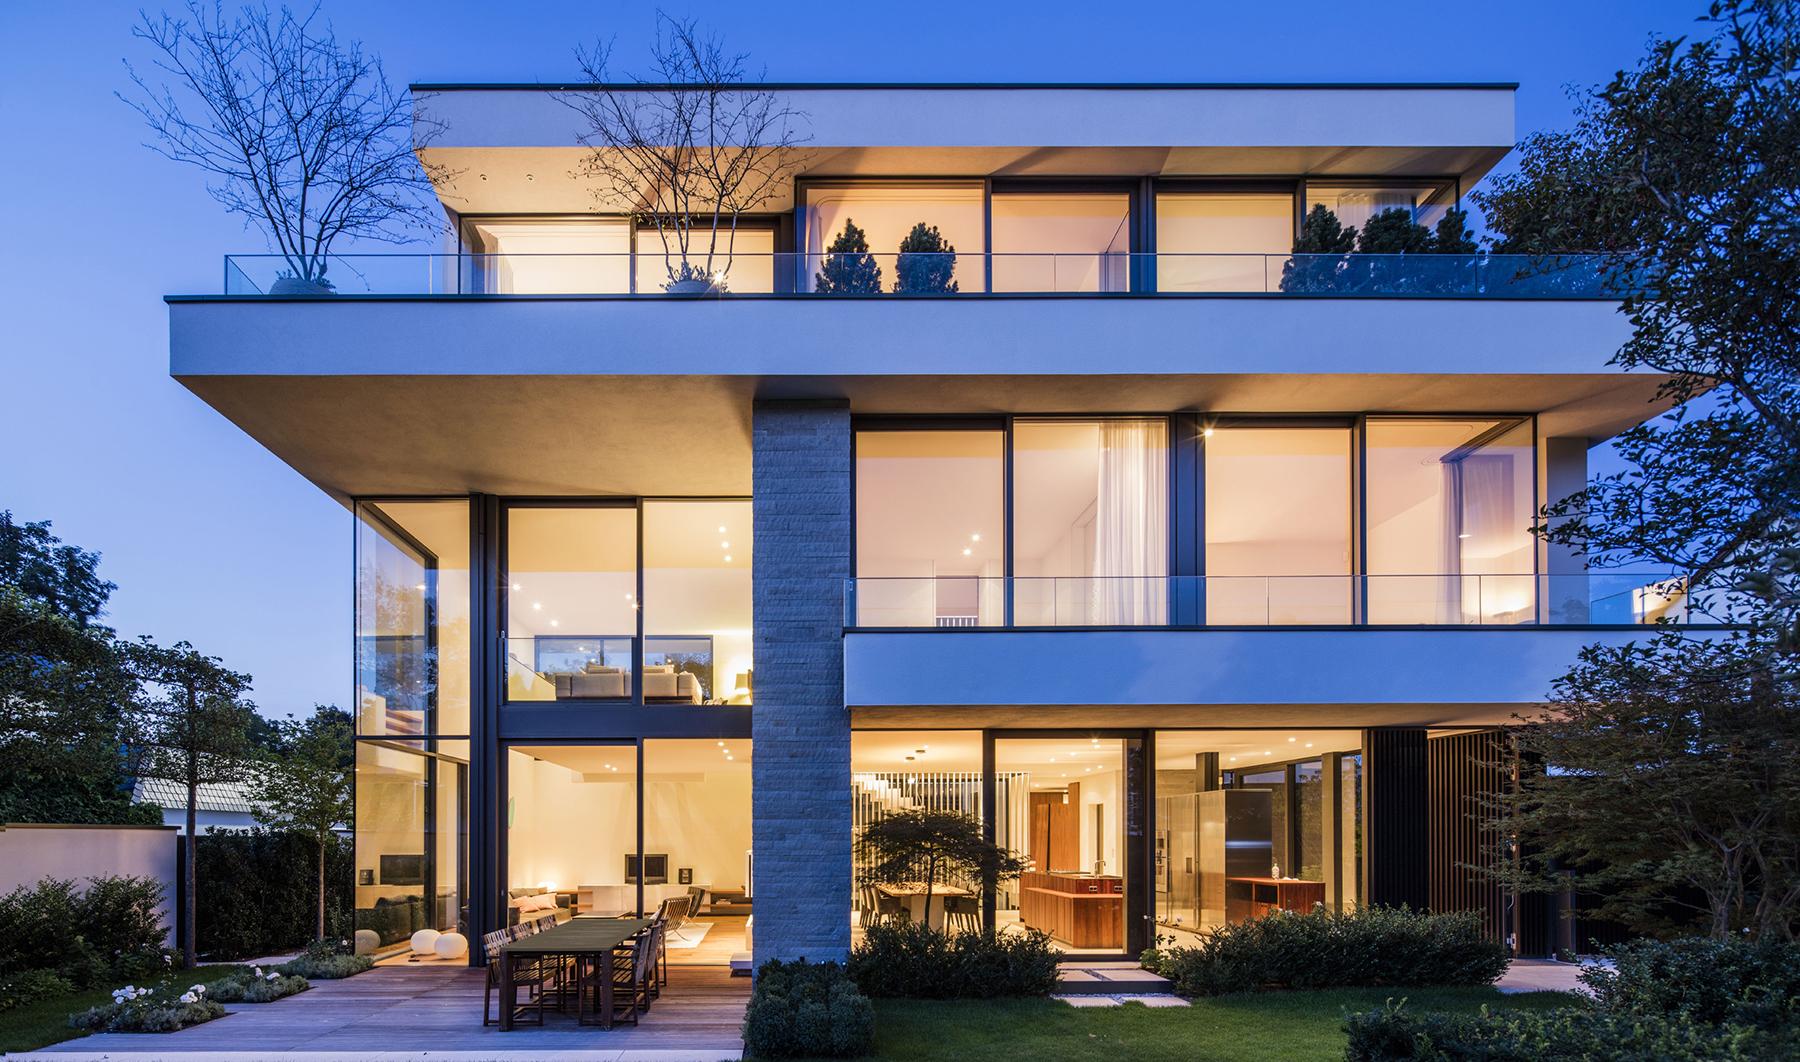 Architektur Wohnhaus Fuchs Und Wacker Schön On Andere Für Home Architekten Bda 1